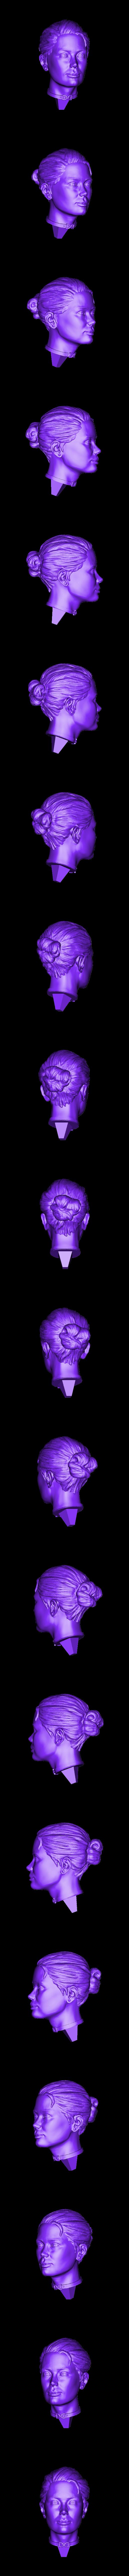 Little Caprice 2 - Head.stl Télécharger fichier STL Little Caprice Pose 2 • Objet imprimable en 3D, BODY3D